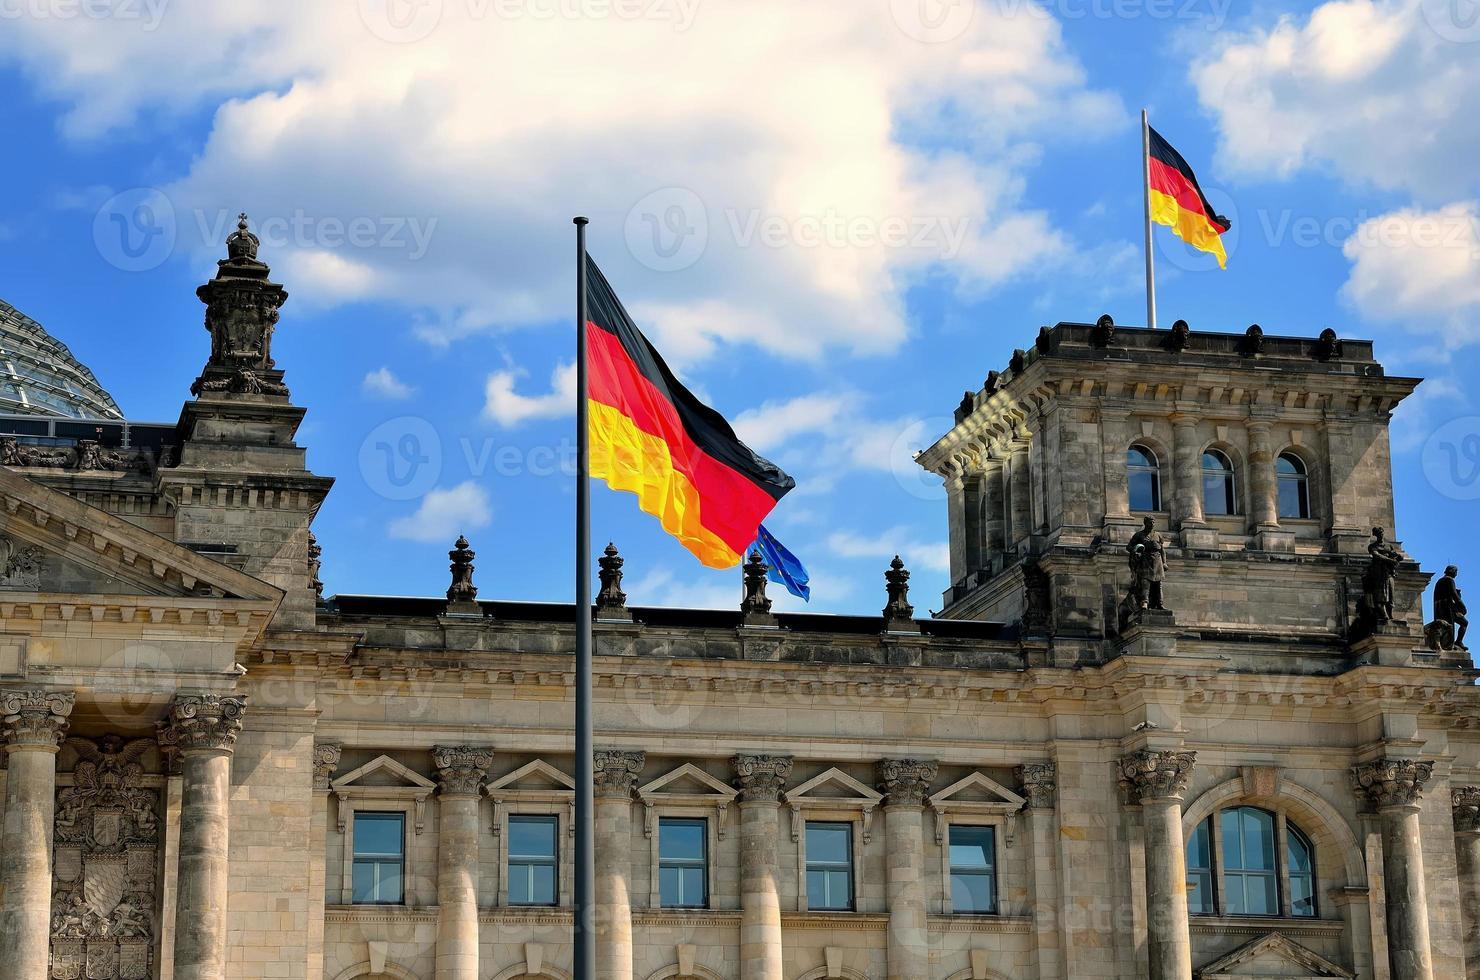 riksdagen byggnad i Berlin, Tyskland. foto